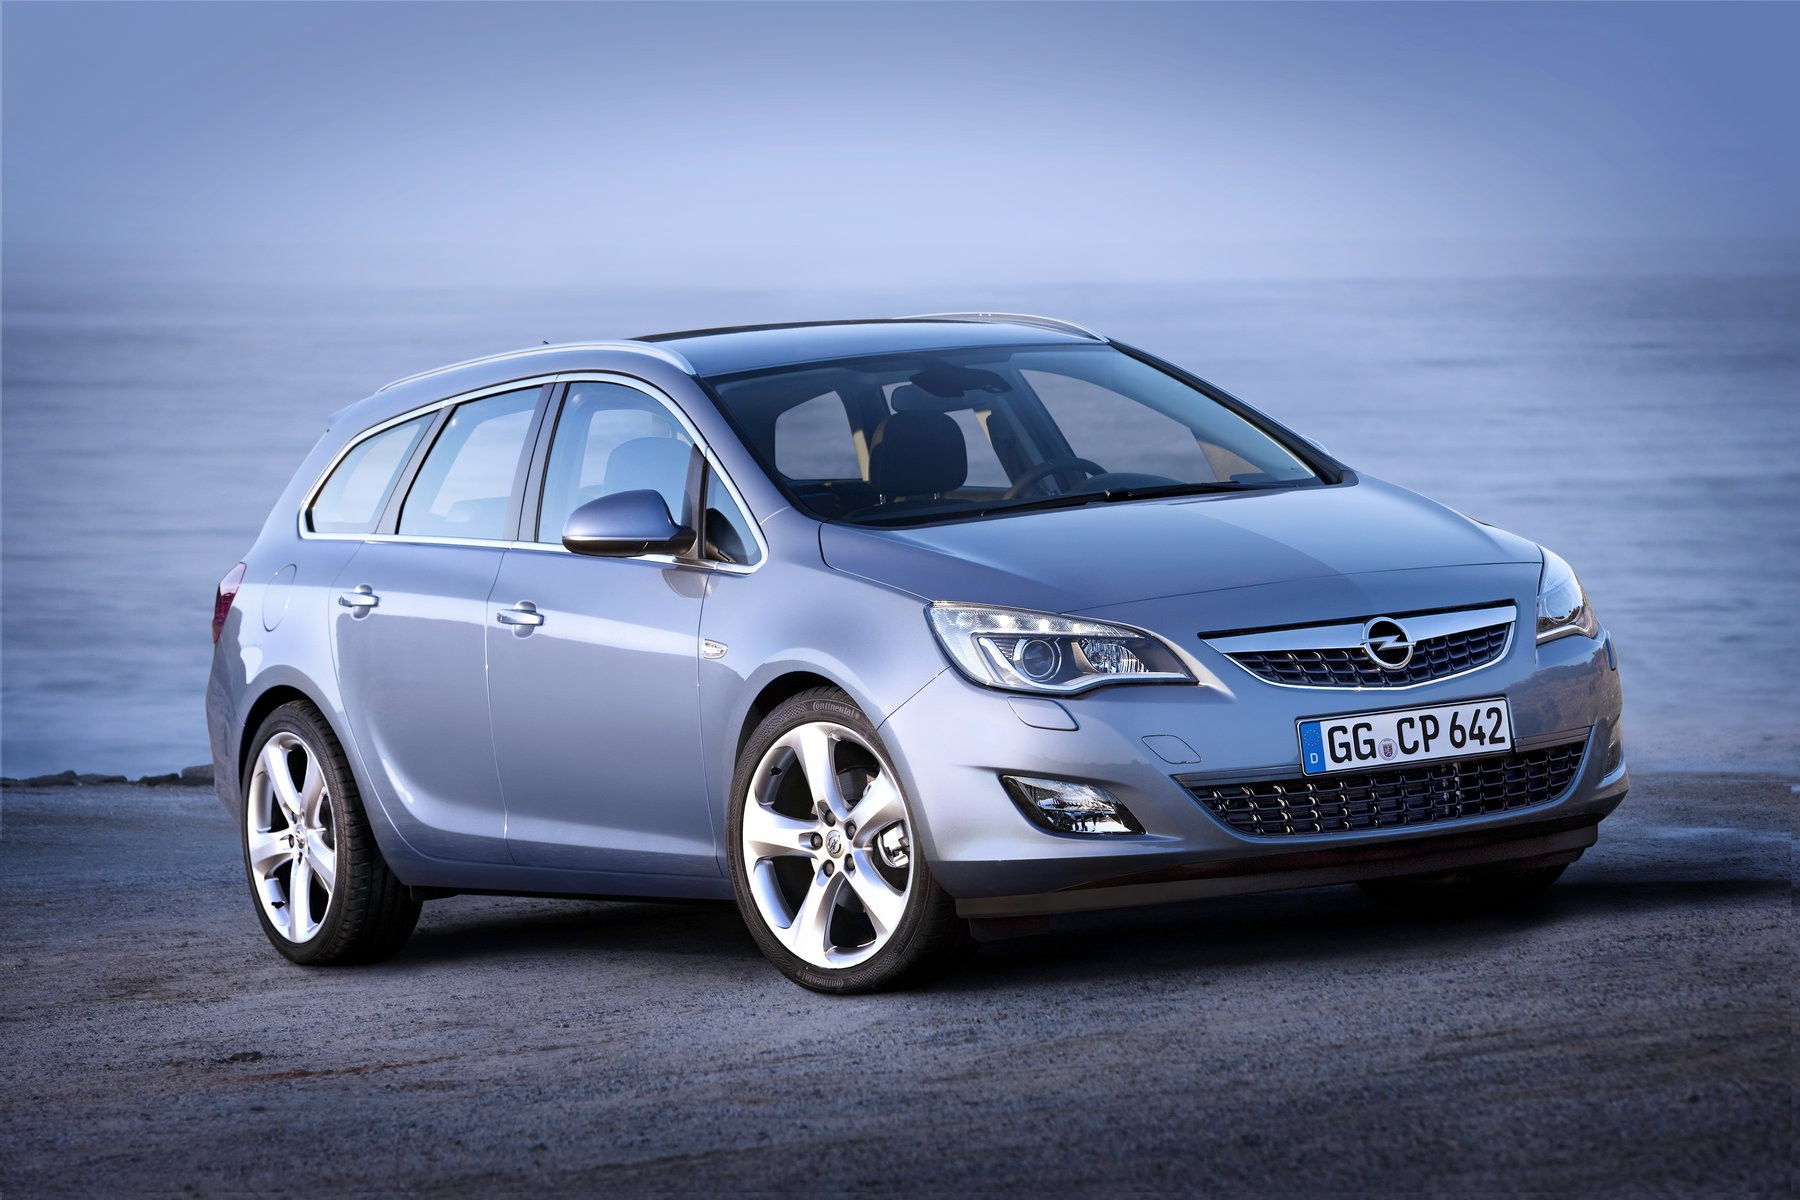 Руководство Opel планирует развернуть выпуск своих авто на предприятии под Калугой с высоким уровнем локализации